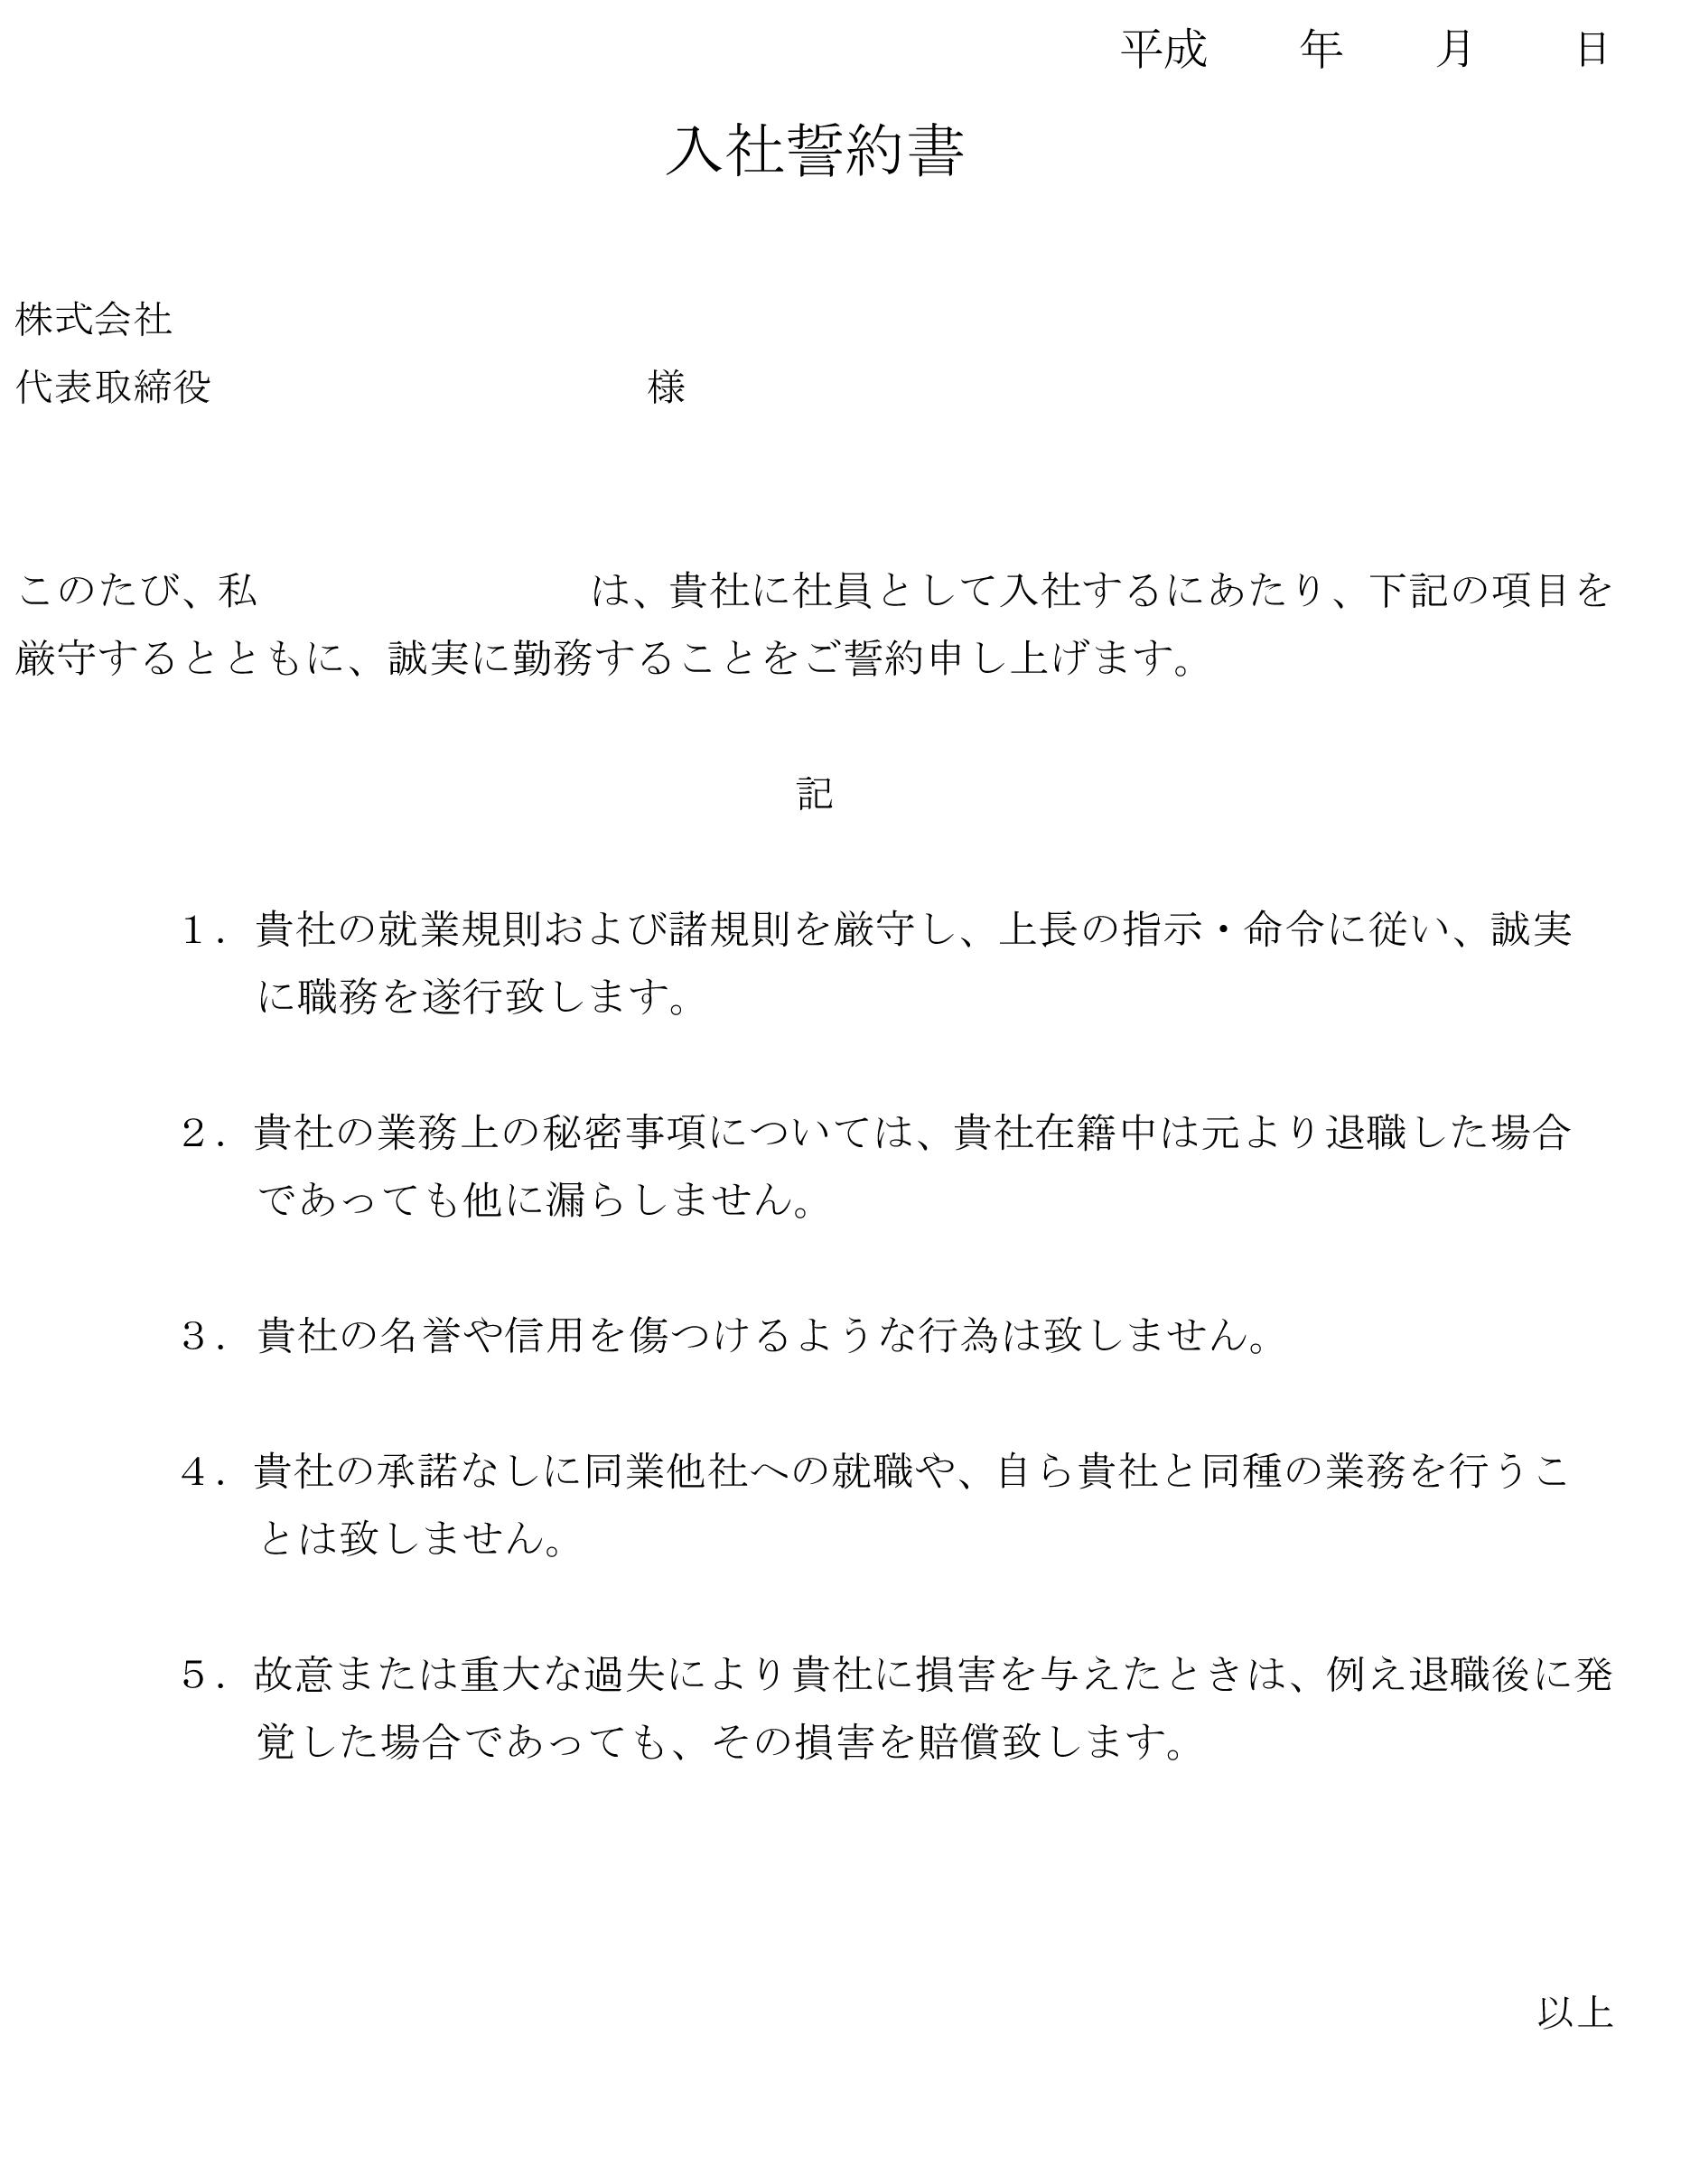 入社誓約書02